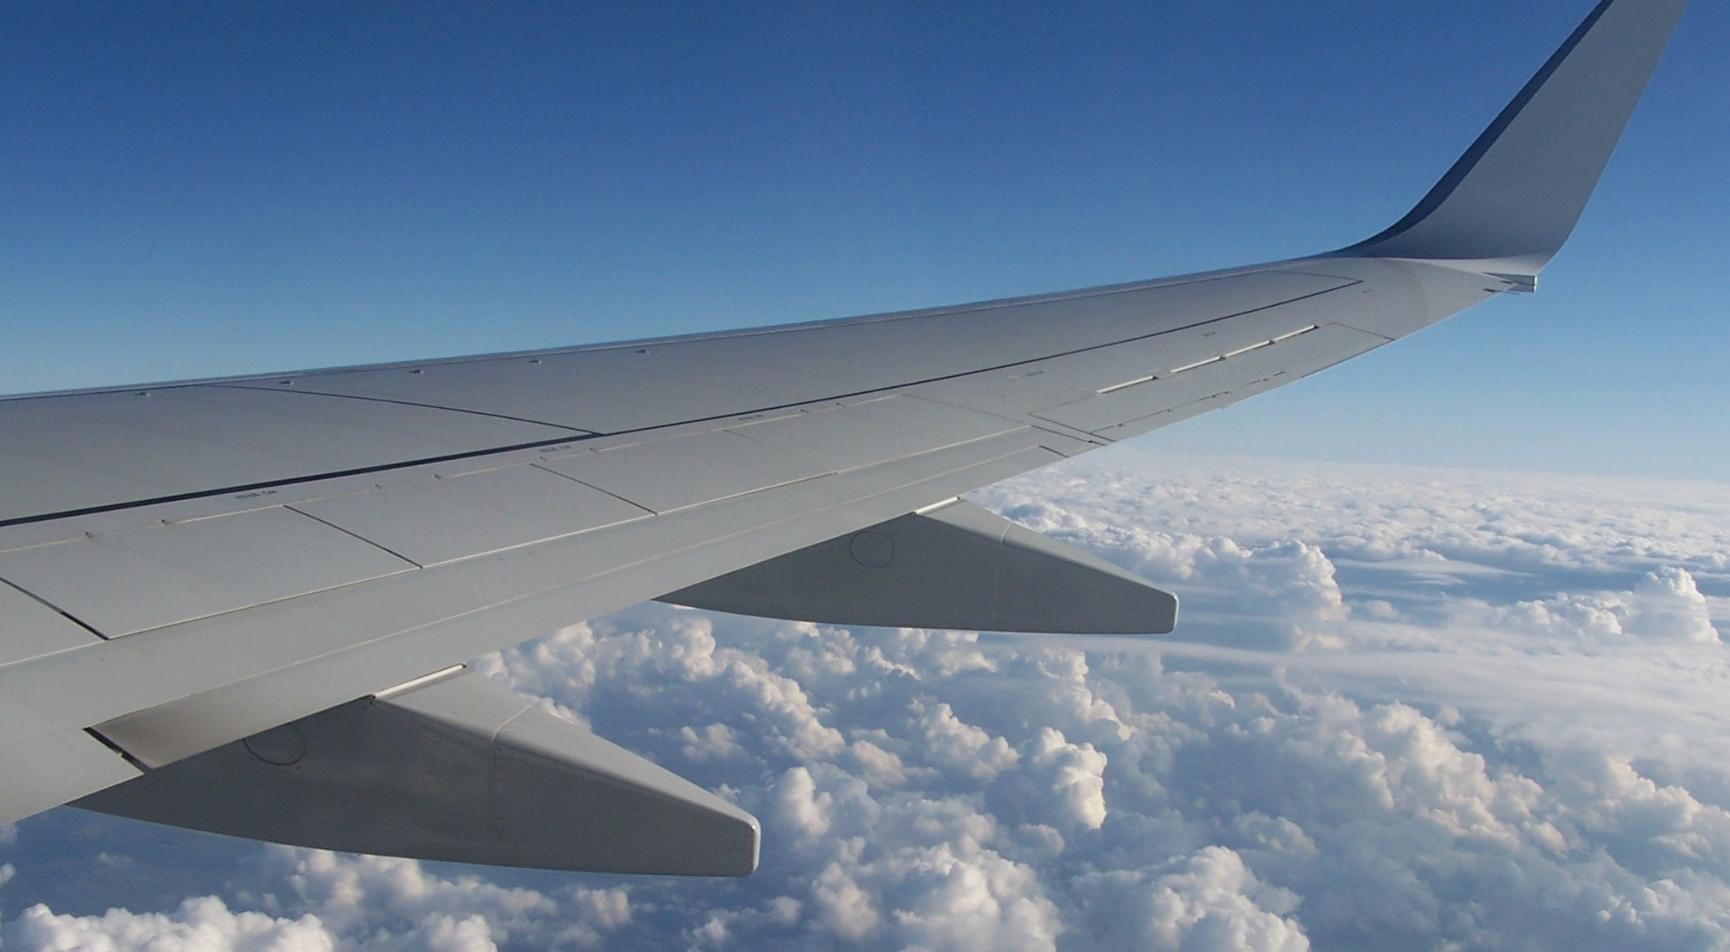 Får De Budgetvenlige Flyselskaber Tildelt De 'værste Luftrum' Til Deres Flyvninger, Mens De Dyre Billetter Får De Luftlag Med Mindst Turbulens?